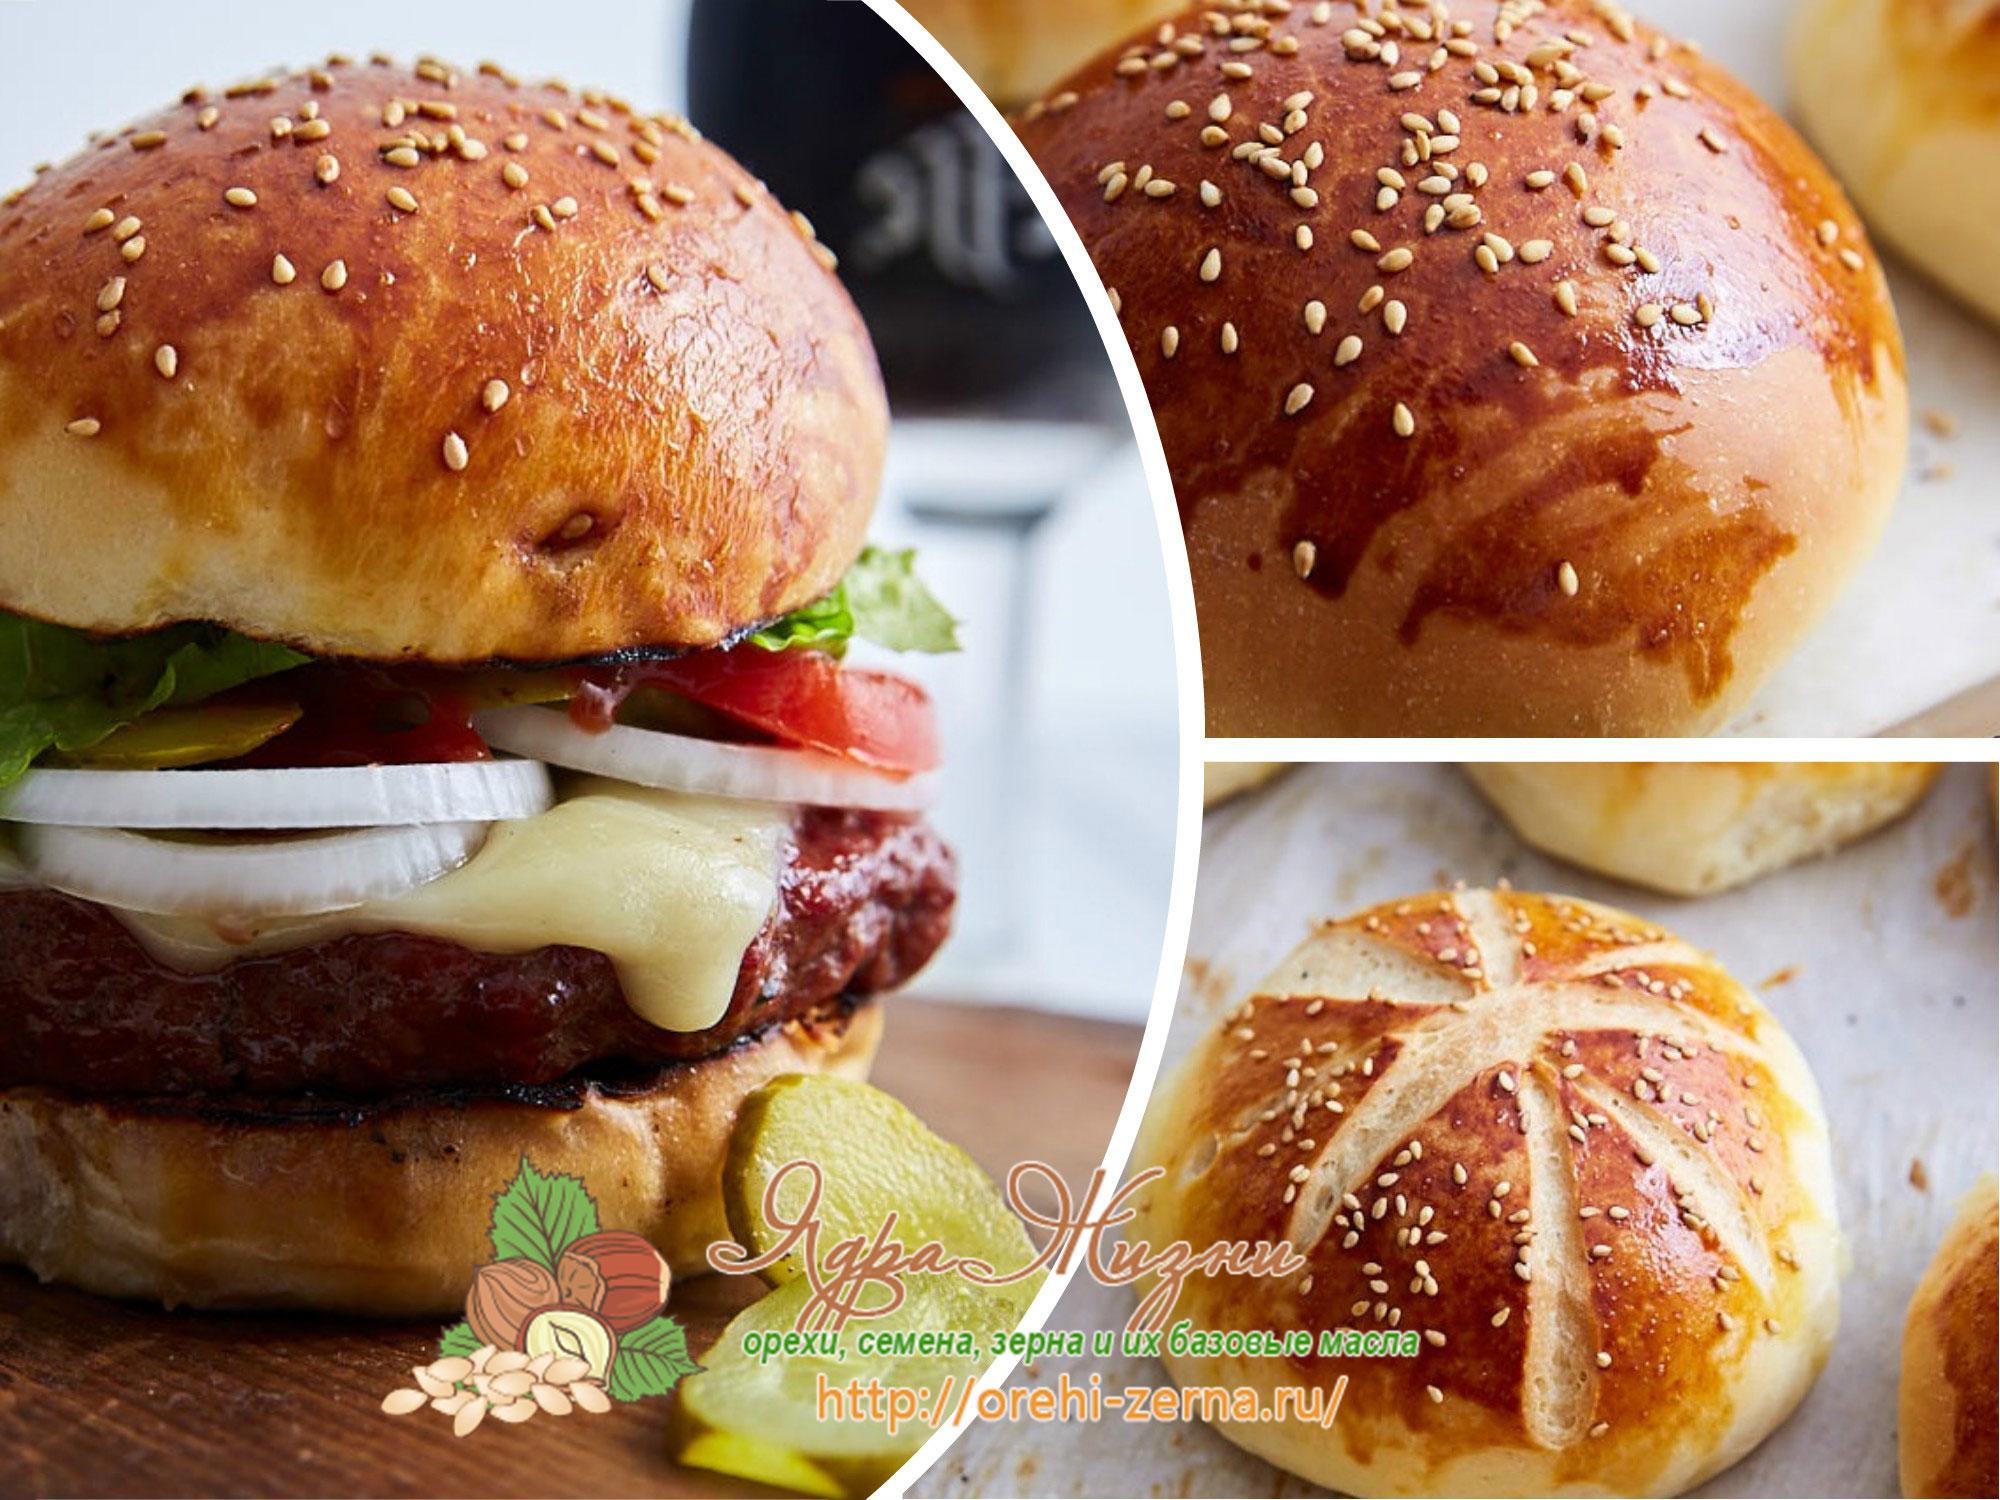 Рецепт булочек для бургеров как в макдональдсе рецепт